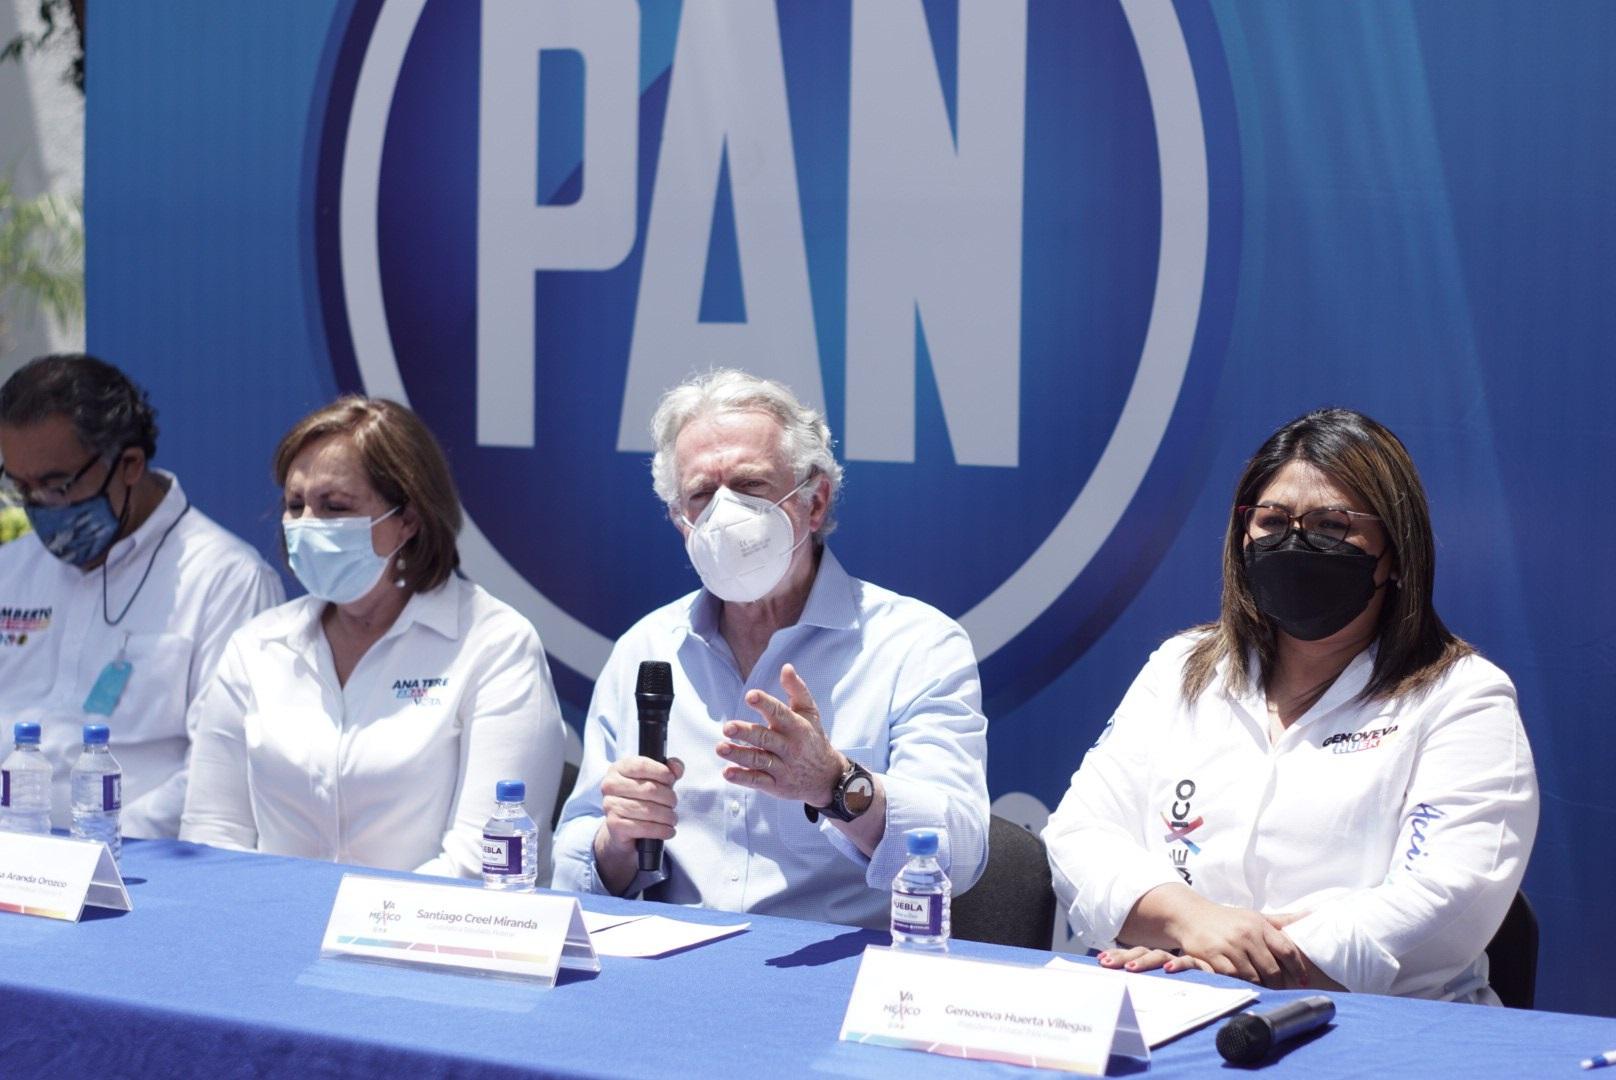 Desde Cholula, Santiago Creel llama a frenar gobierno de AMLO